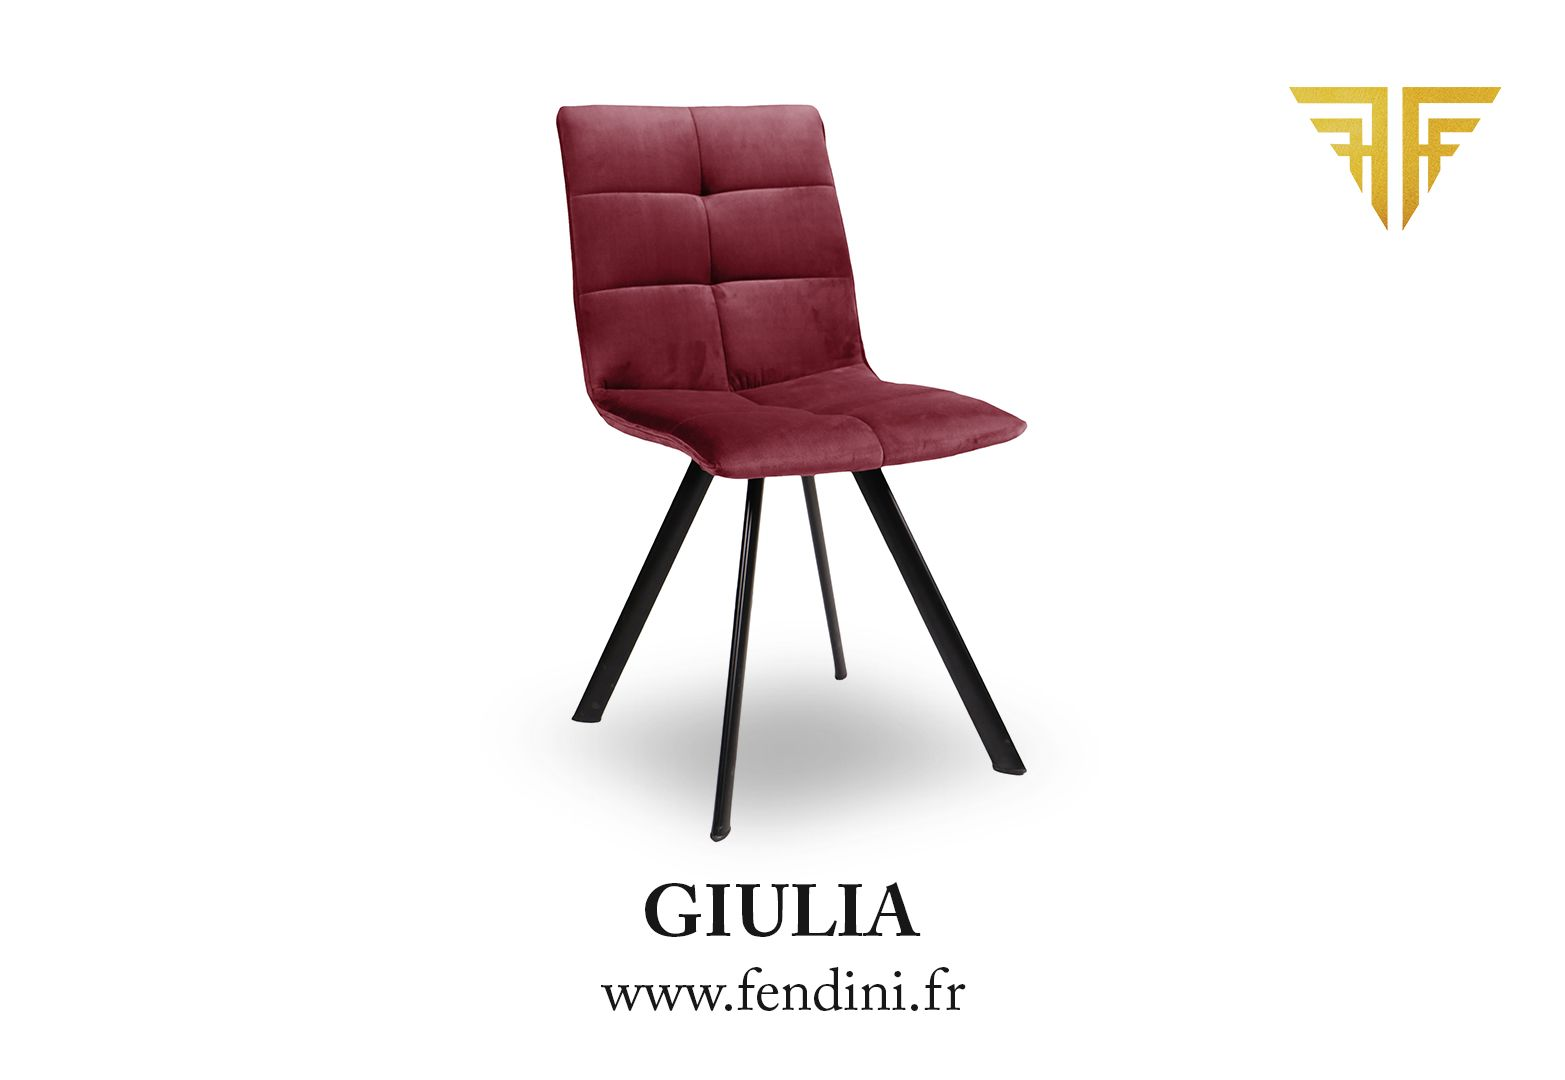 Chaise Velours Giulia Rouge Bordeaux By Fendini Disponible En